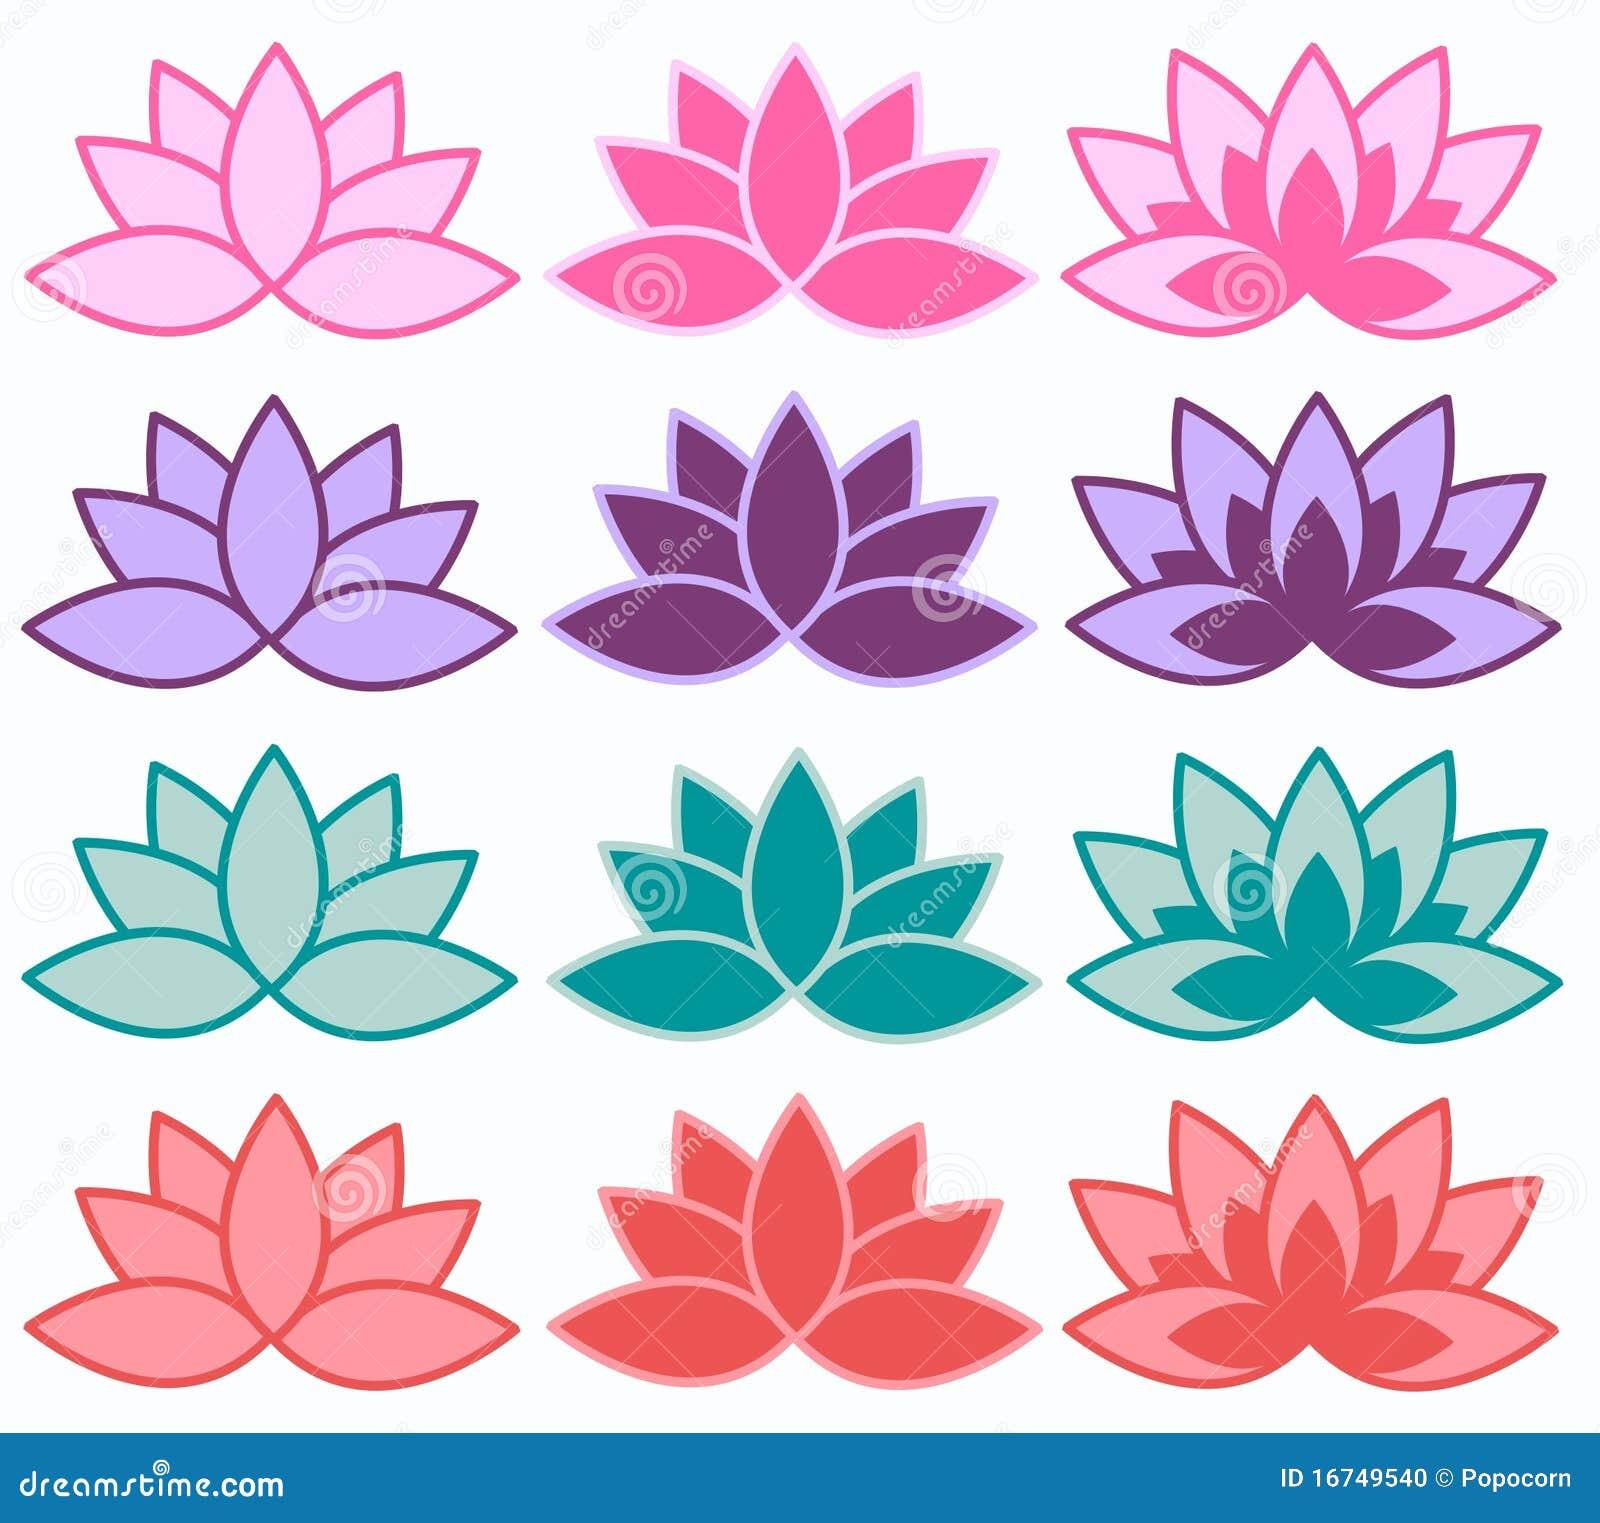 Simple lotus flower graphic comousar simple lotus flower graphic izmirmasajfo